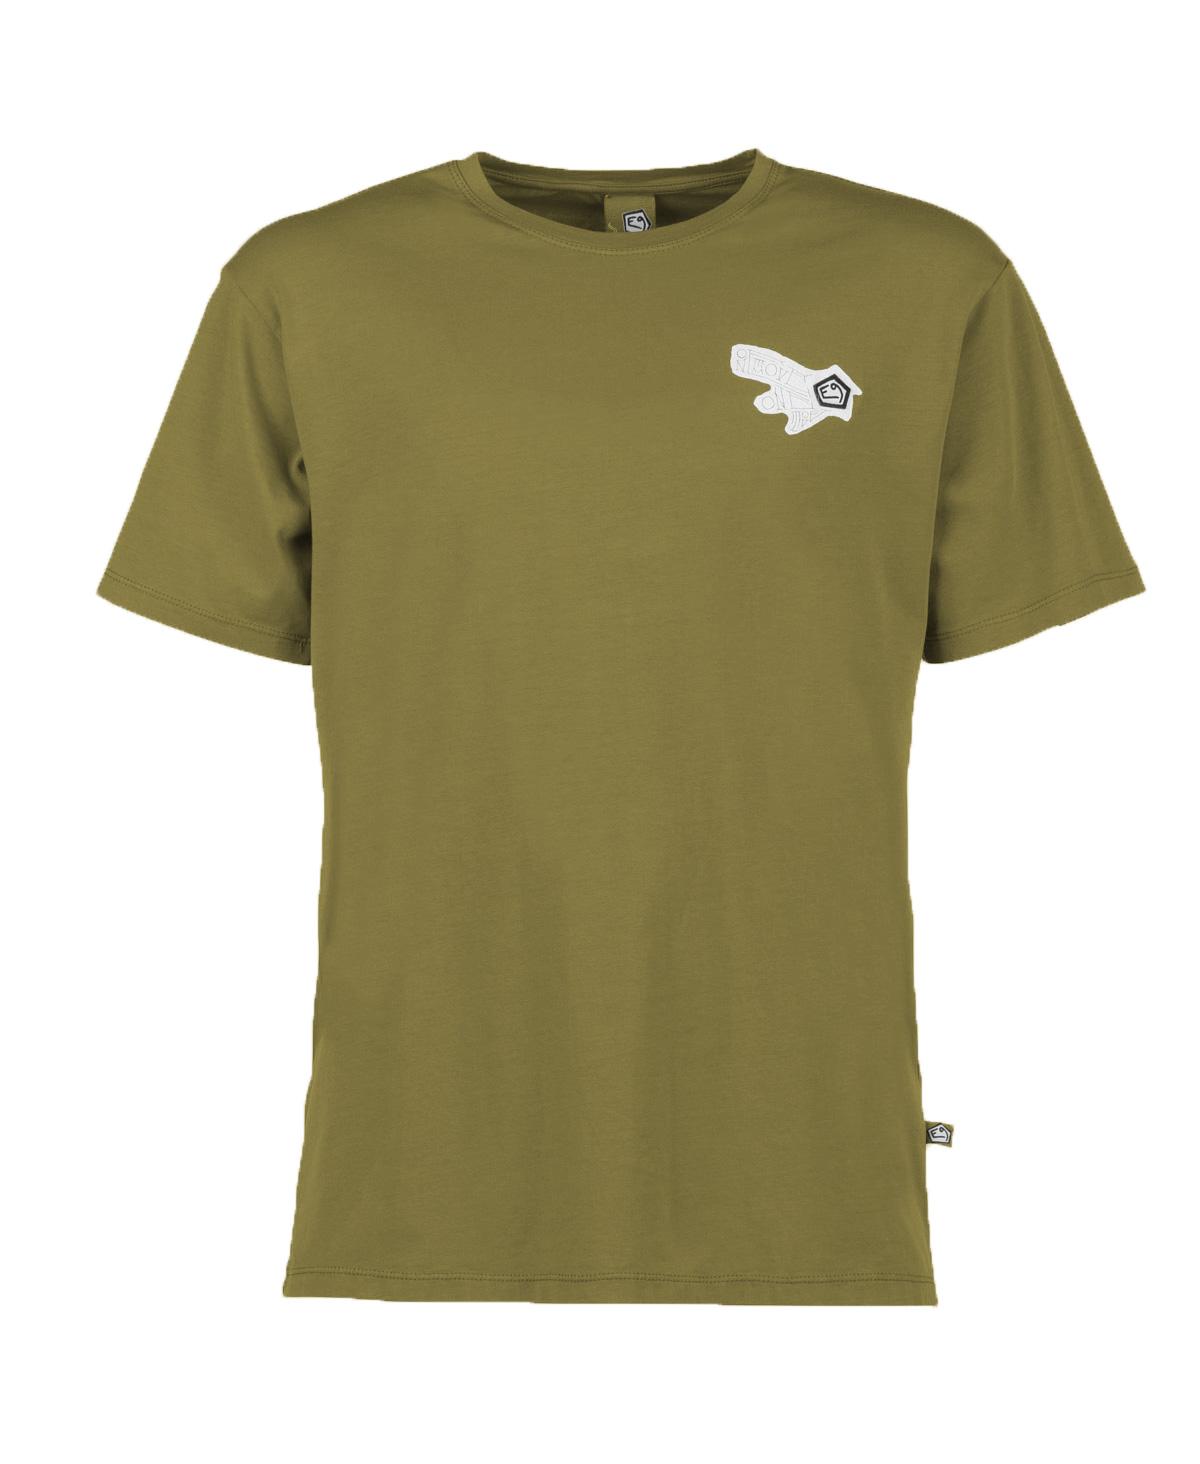 E9 T shirt Onemove Maglietta Tee Enove Verde Climbing 2f0e40a01189